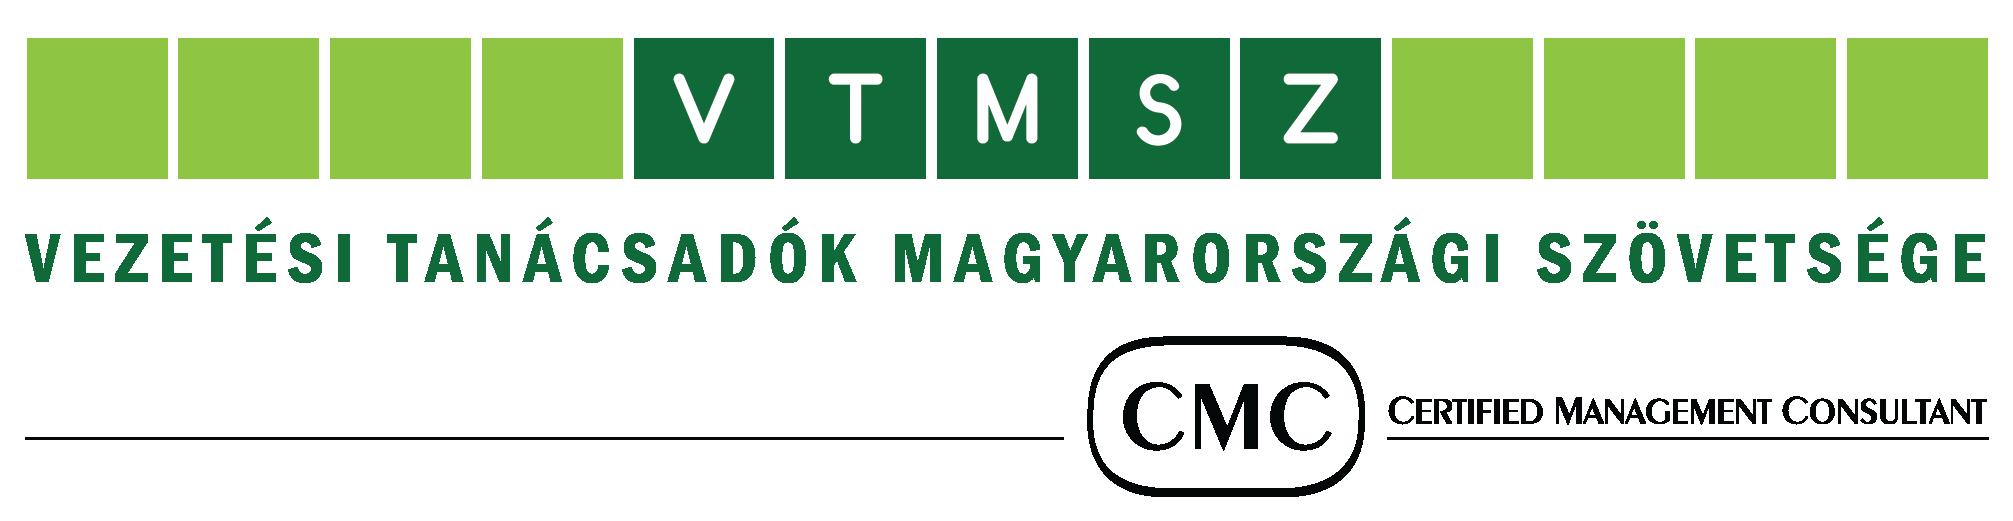 Vezetési Tanácsadók Magyarországi Szövetsége